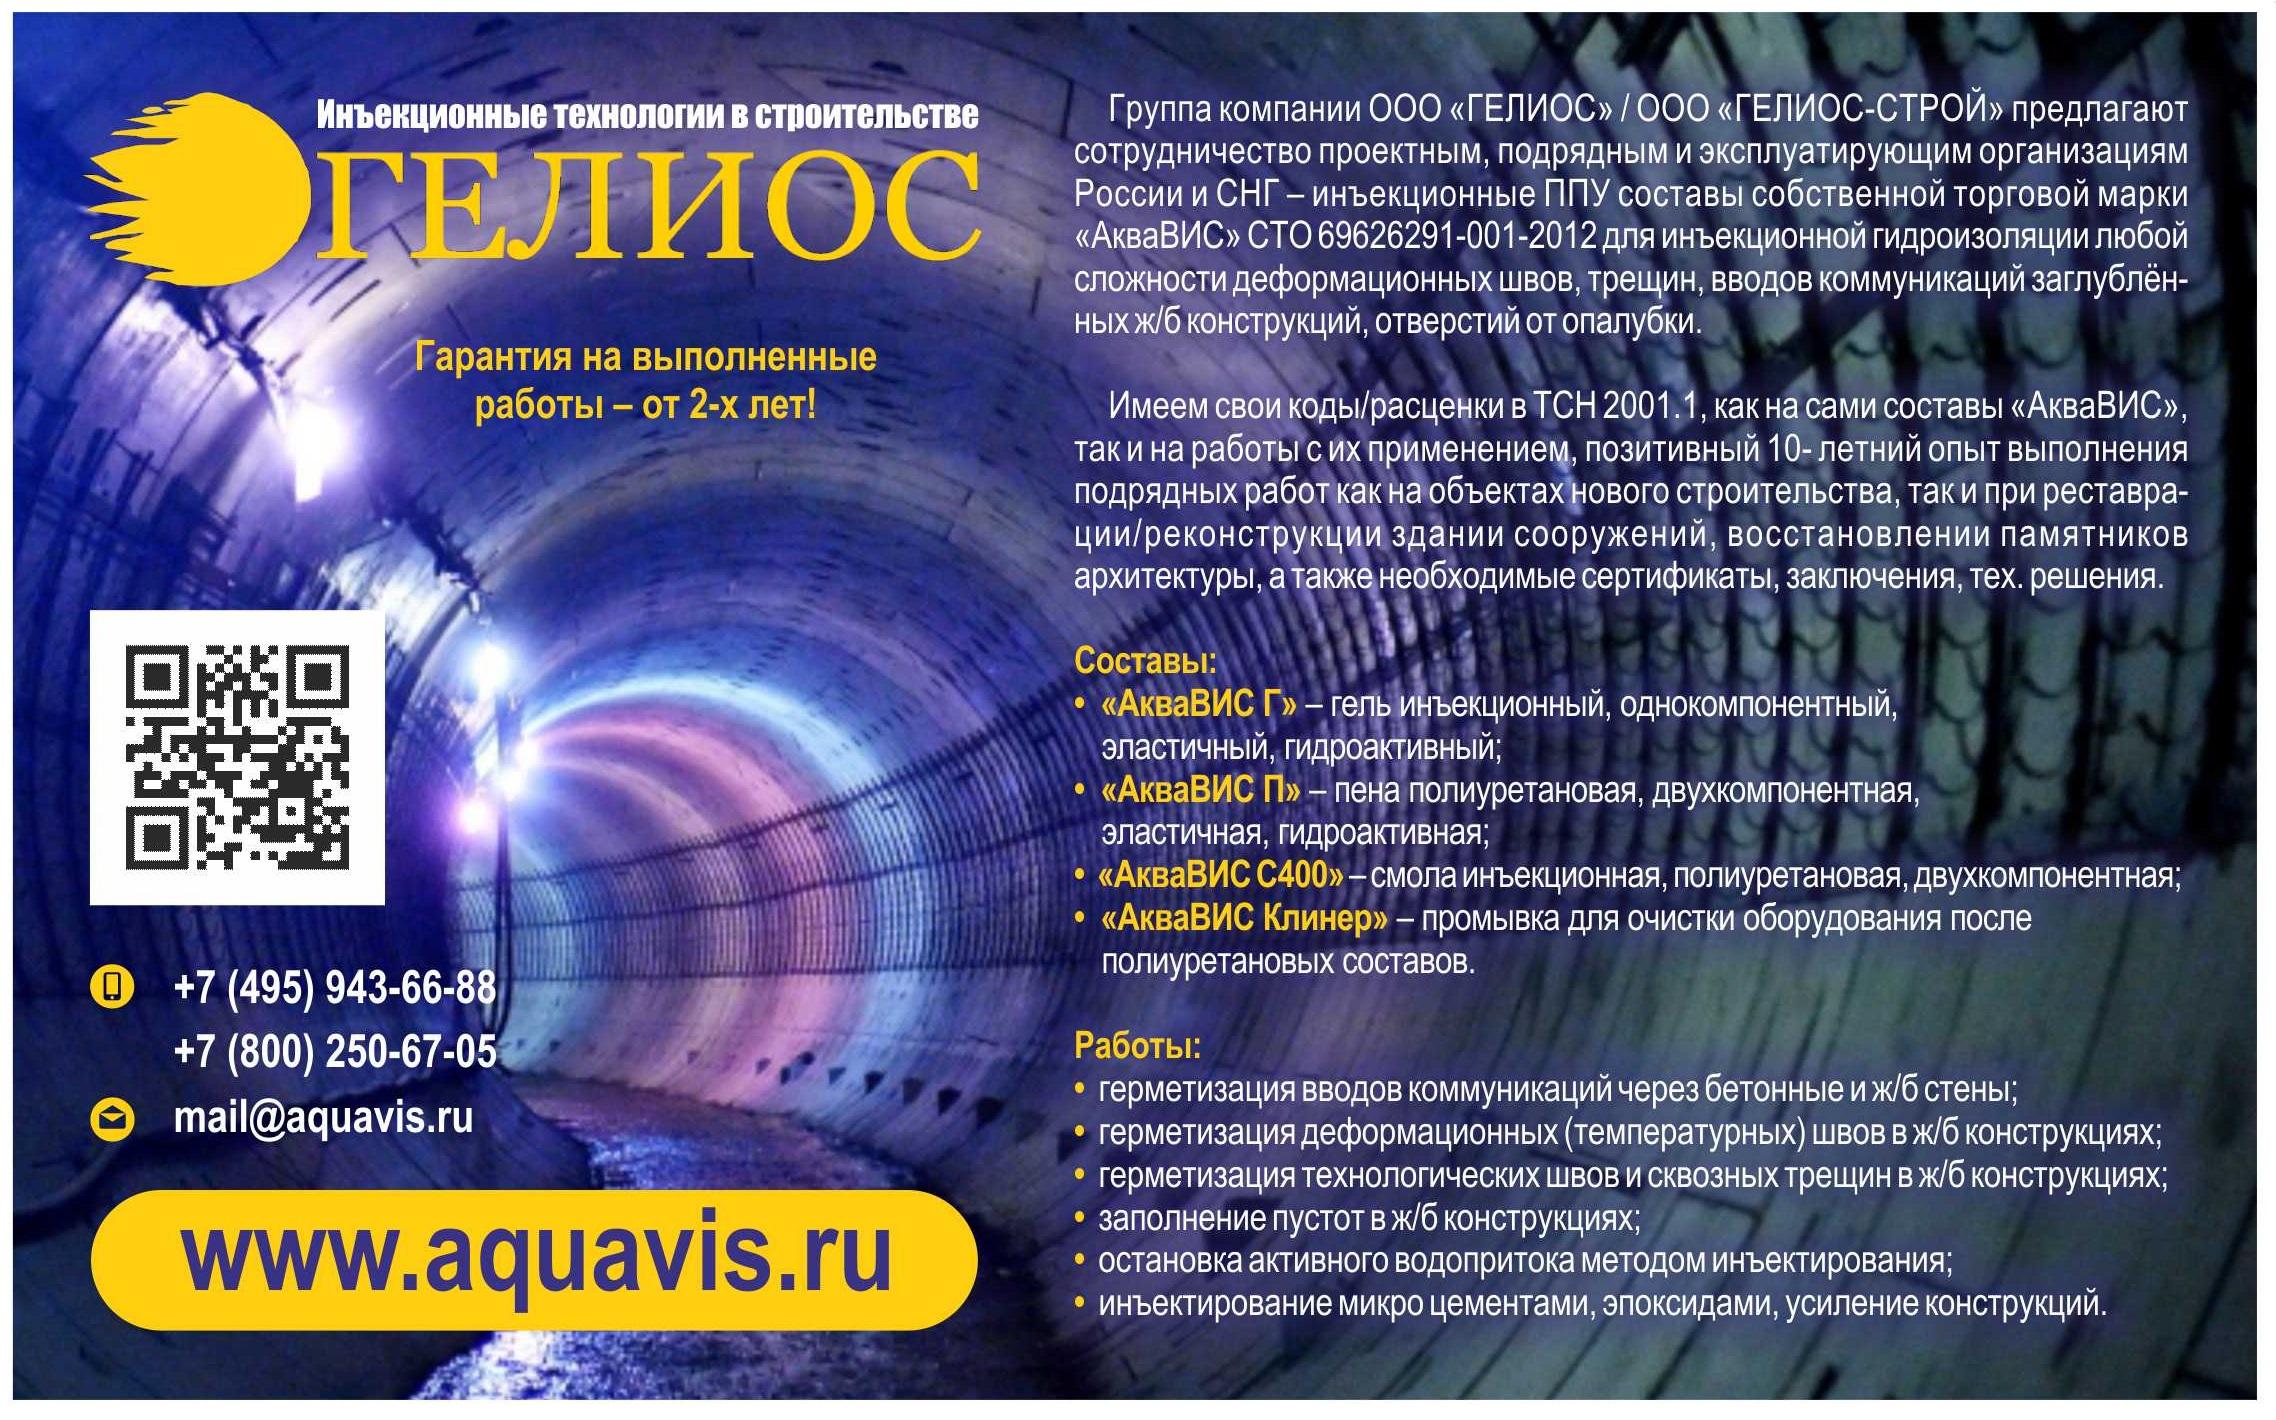 6.-maket-bannera-ot-14.12.20